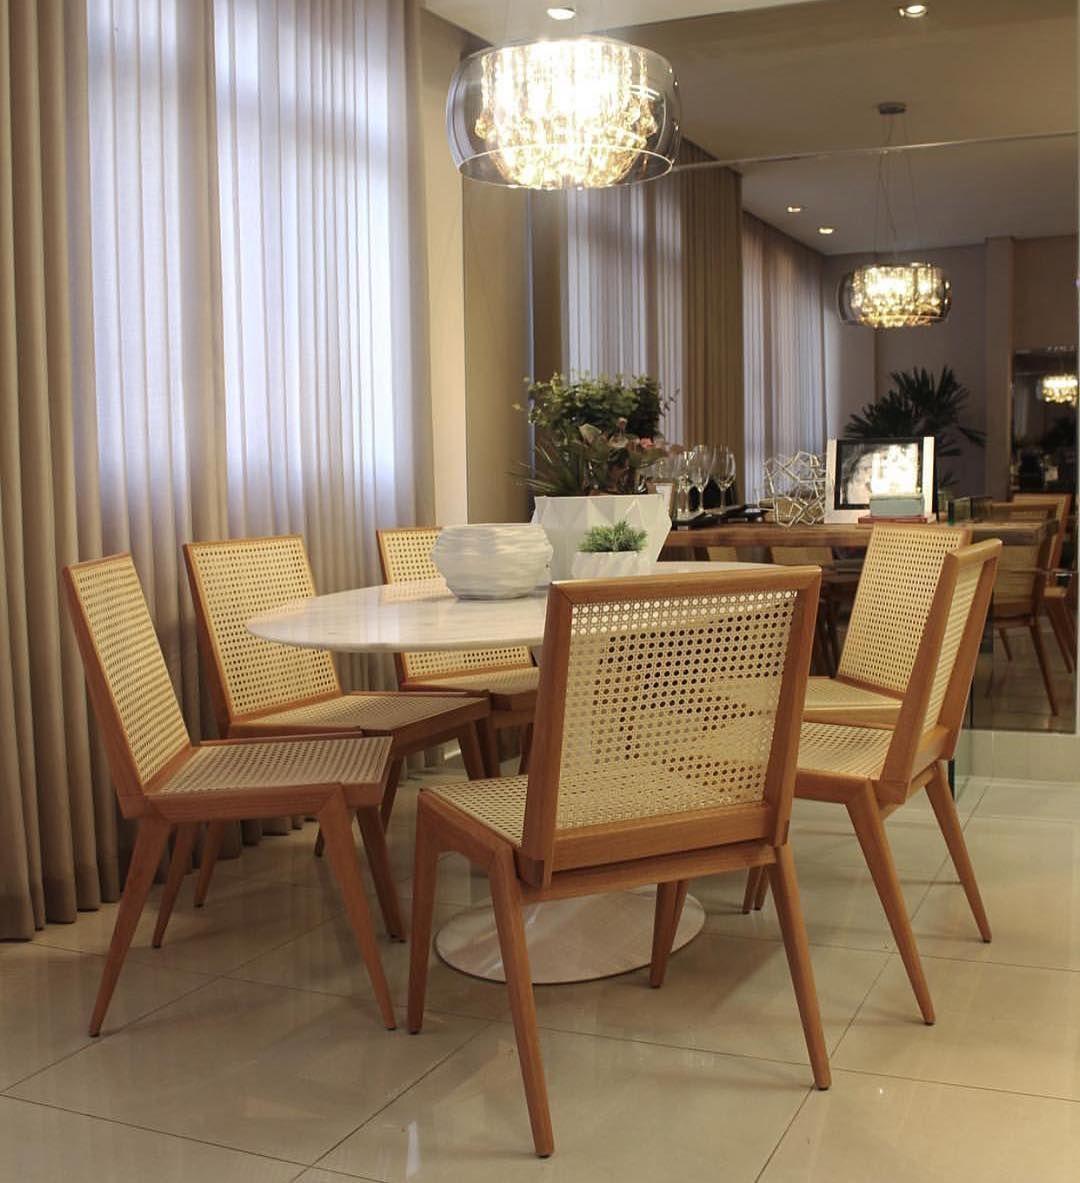 Inspira O Para Sala De Jantar As Cadeiras De Palhinha Est O  -> Acabamento Sala De Jantar